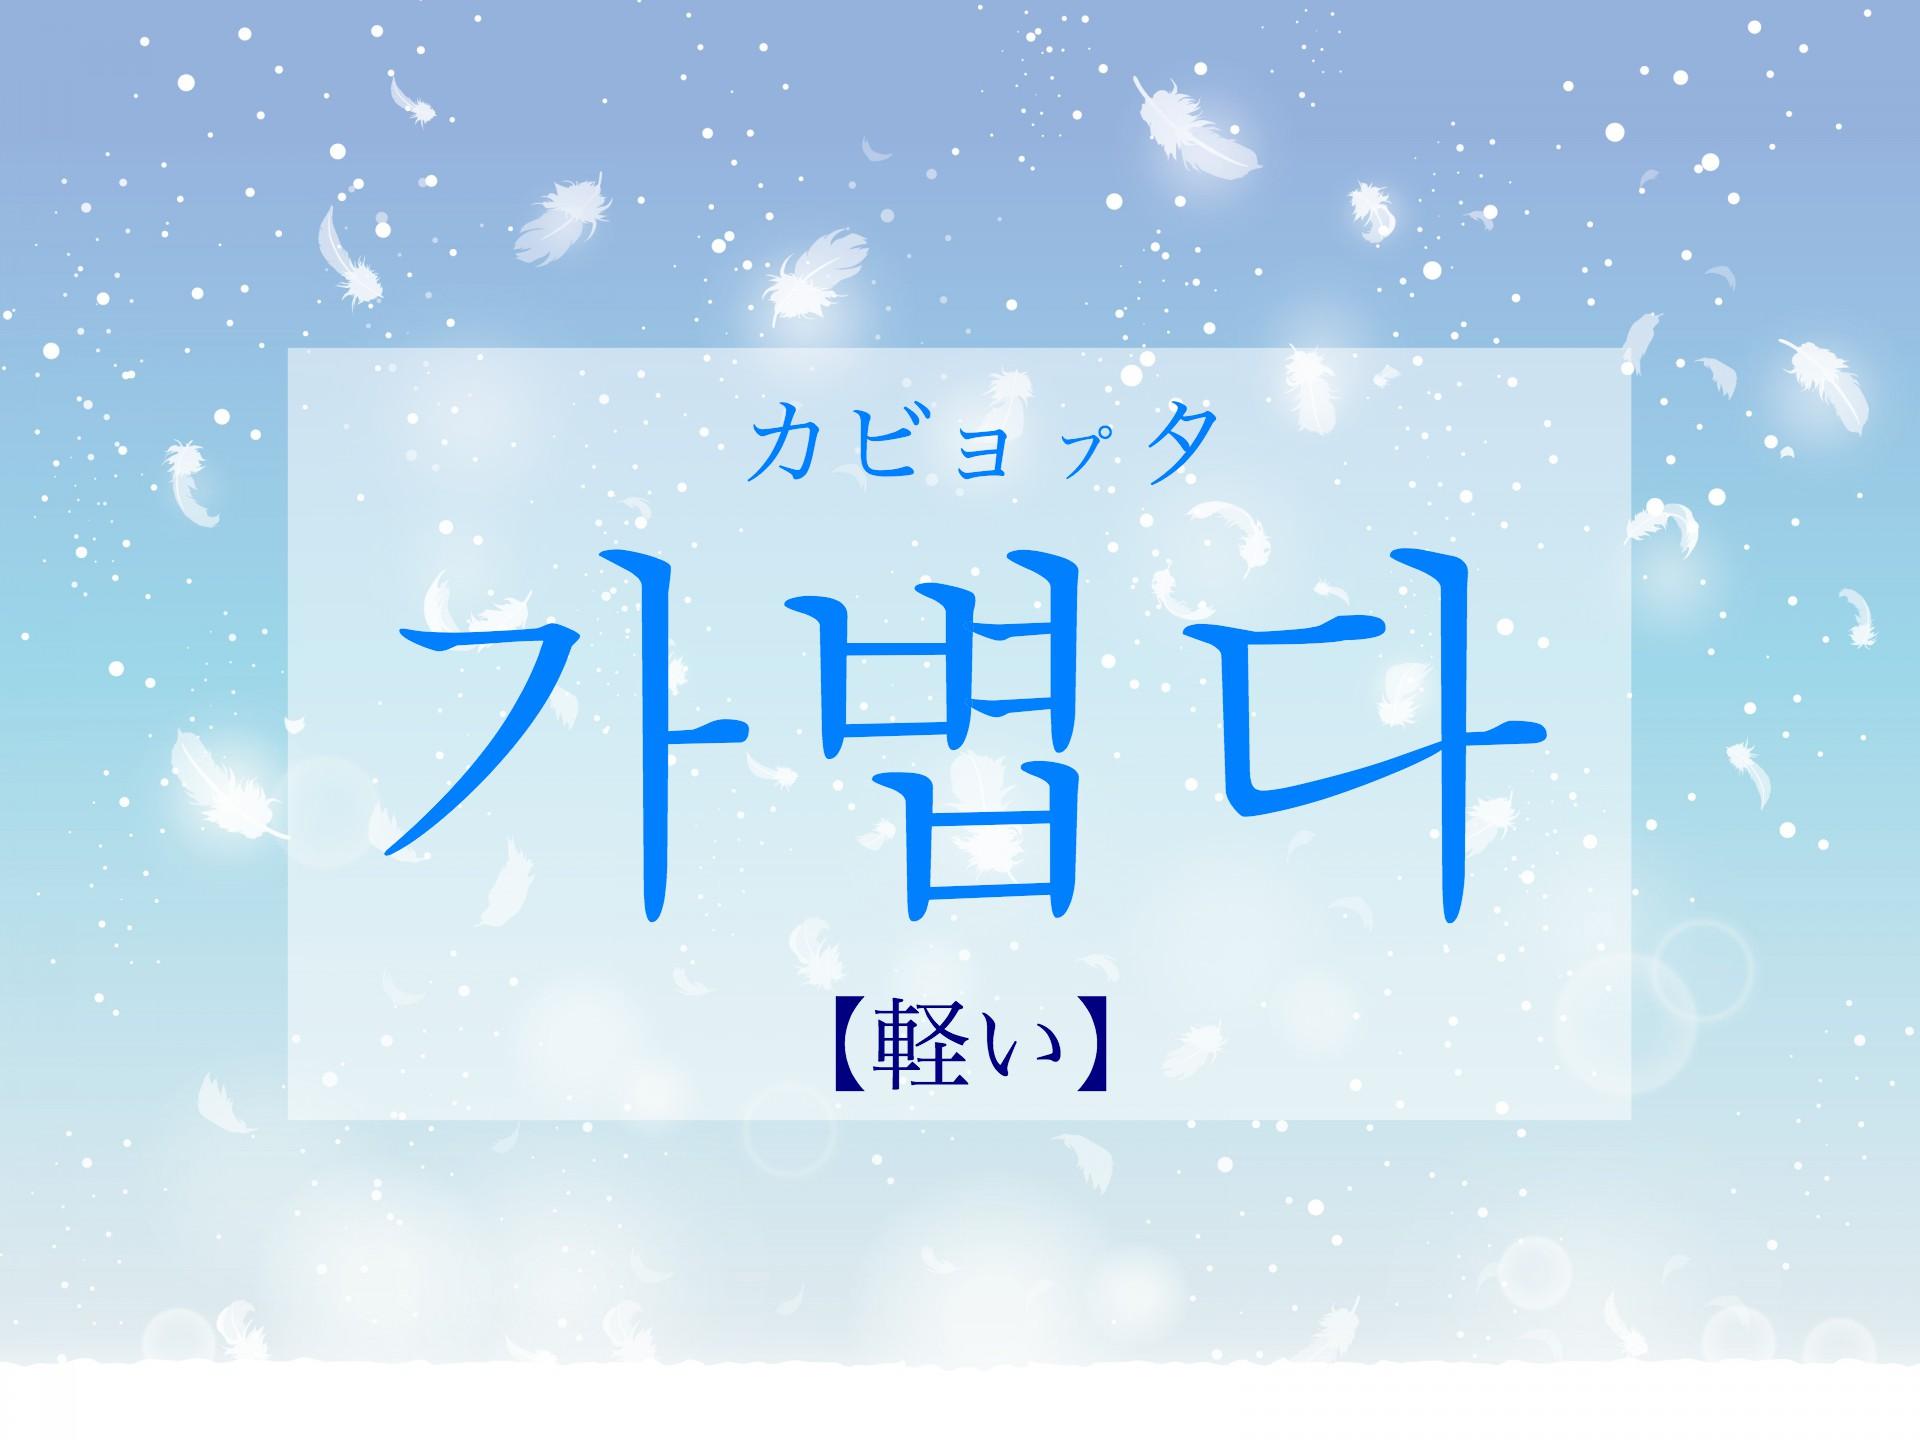 koreanword-light